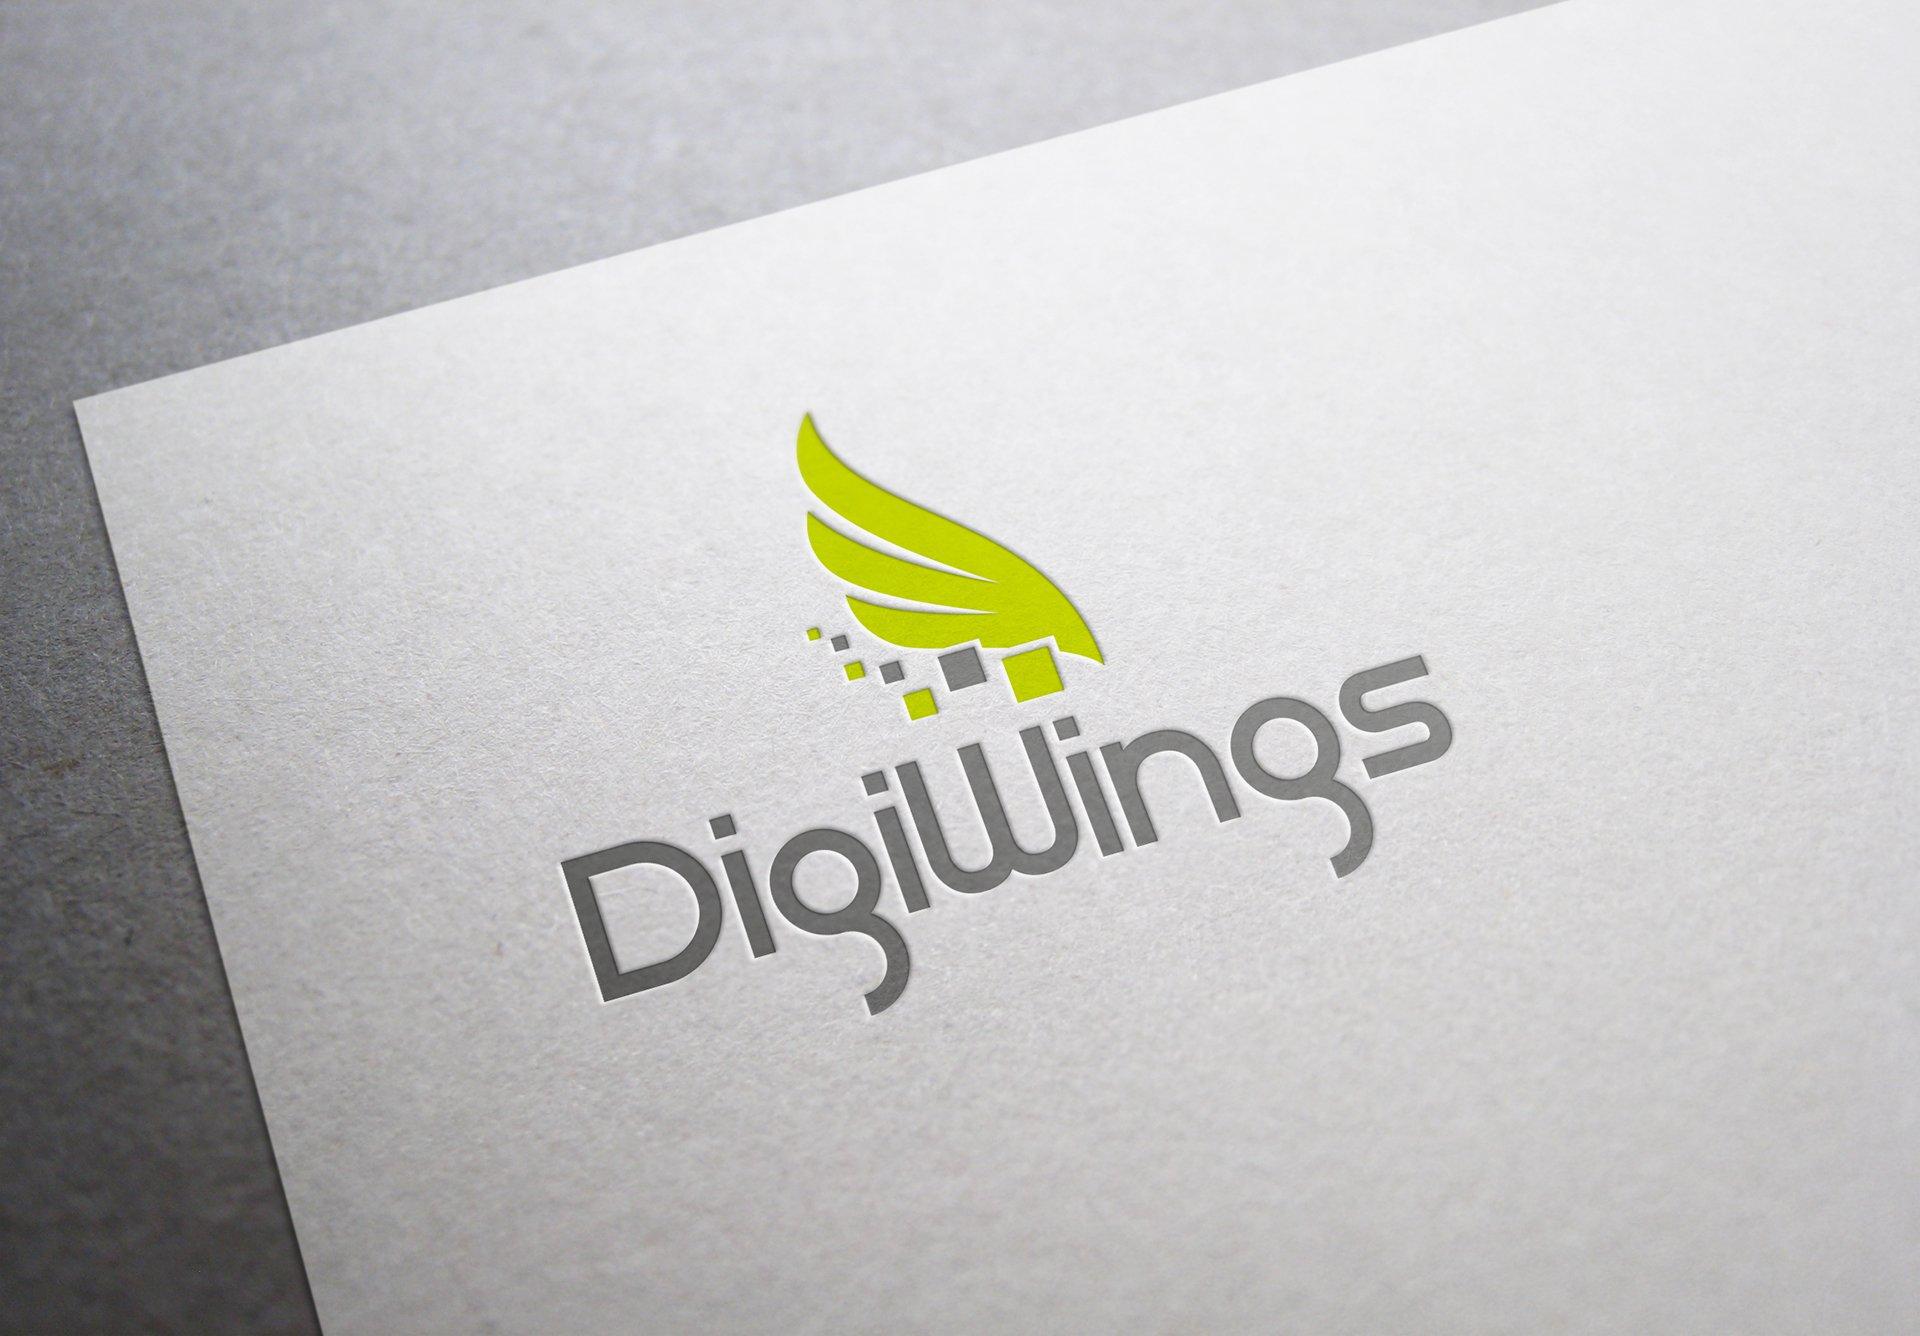 Digiwings